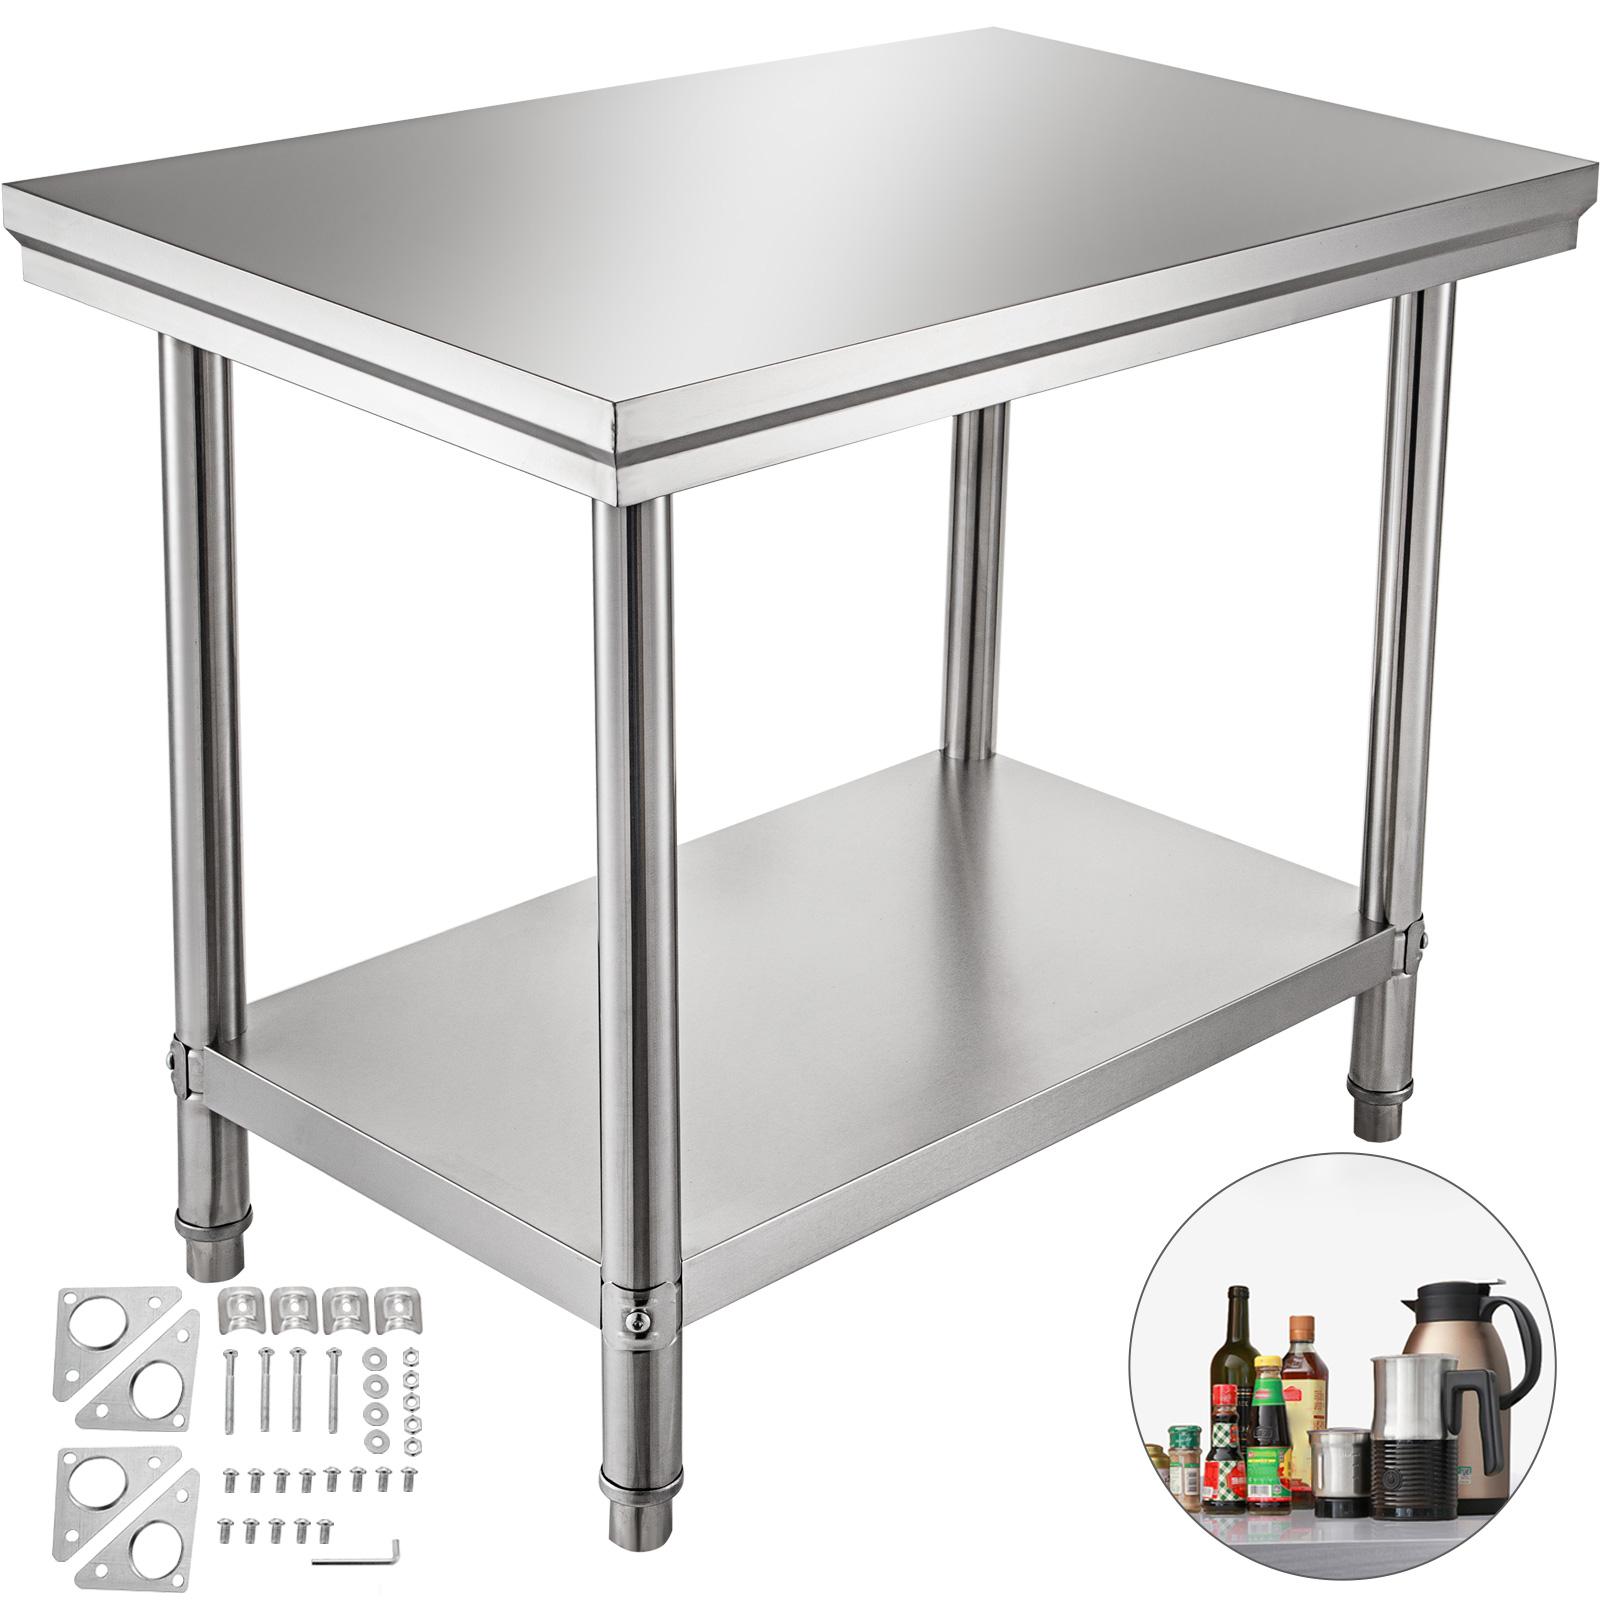 30X60CM Edelstahl Gastro Tisch Edelstahltisch Arbeitstisch Küchentisch